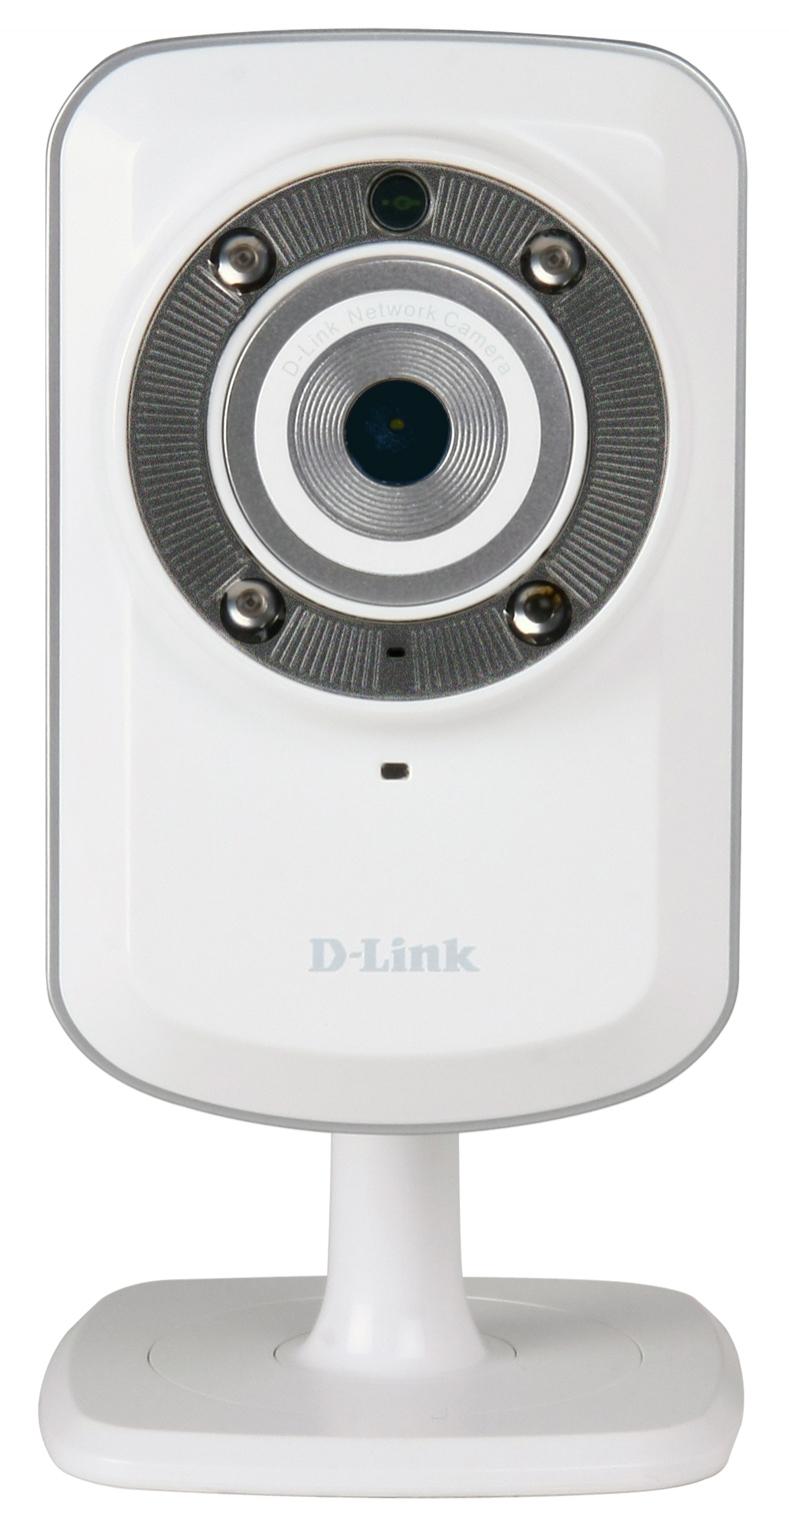 camera de surveillance wifi D-Link DCS-932L